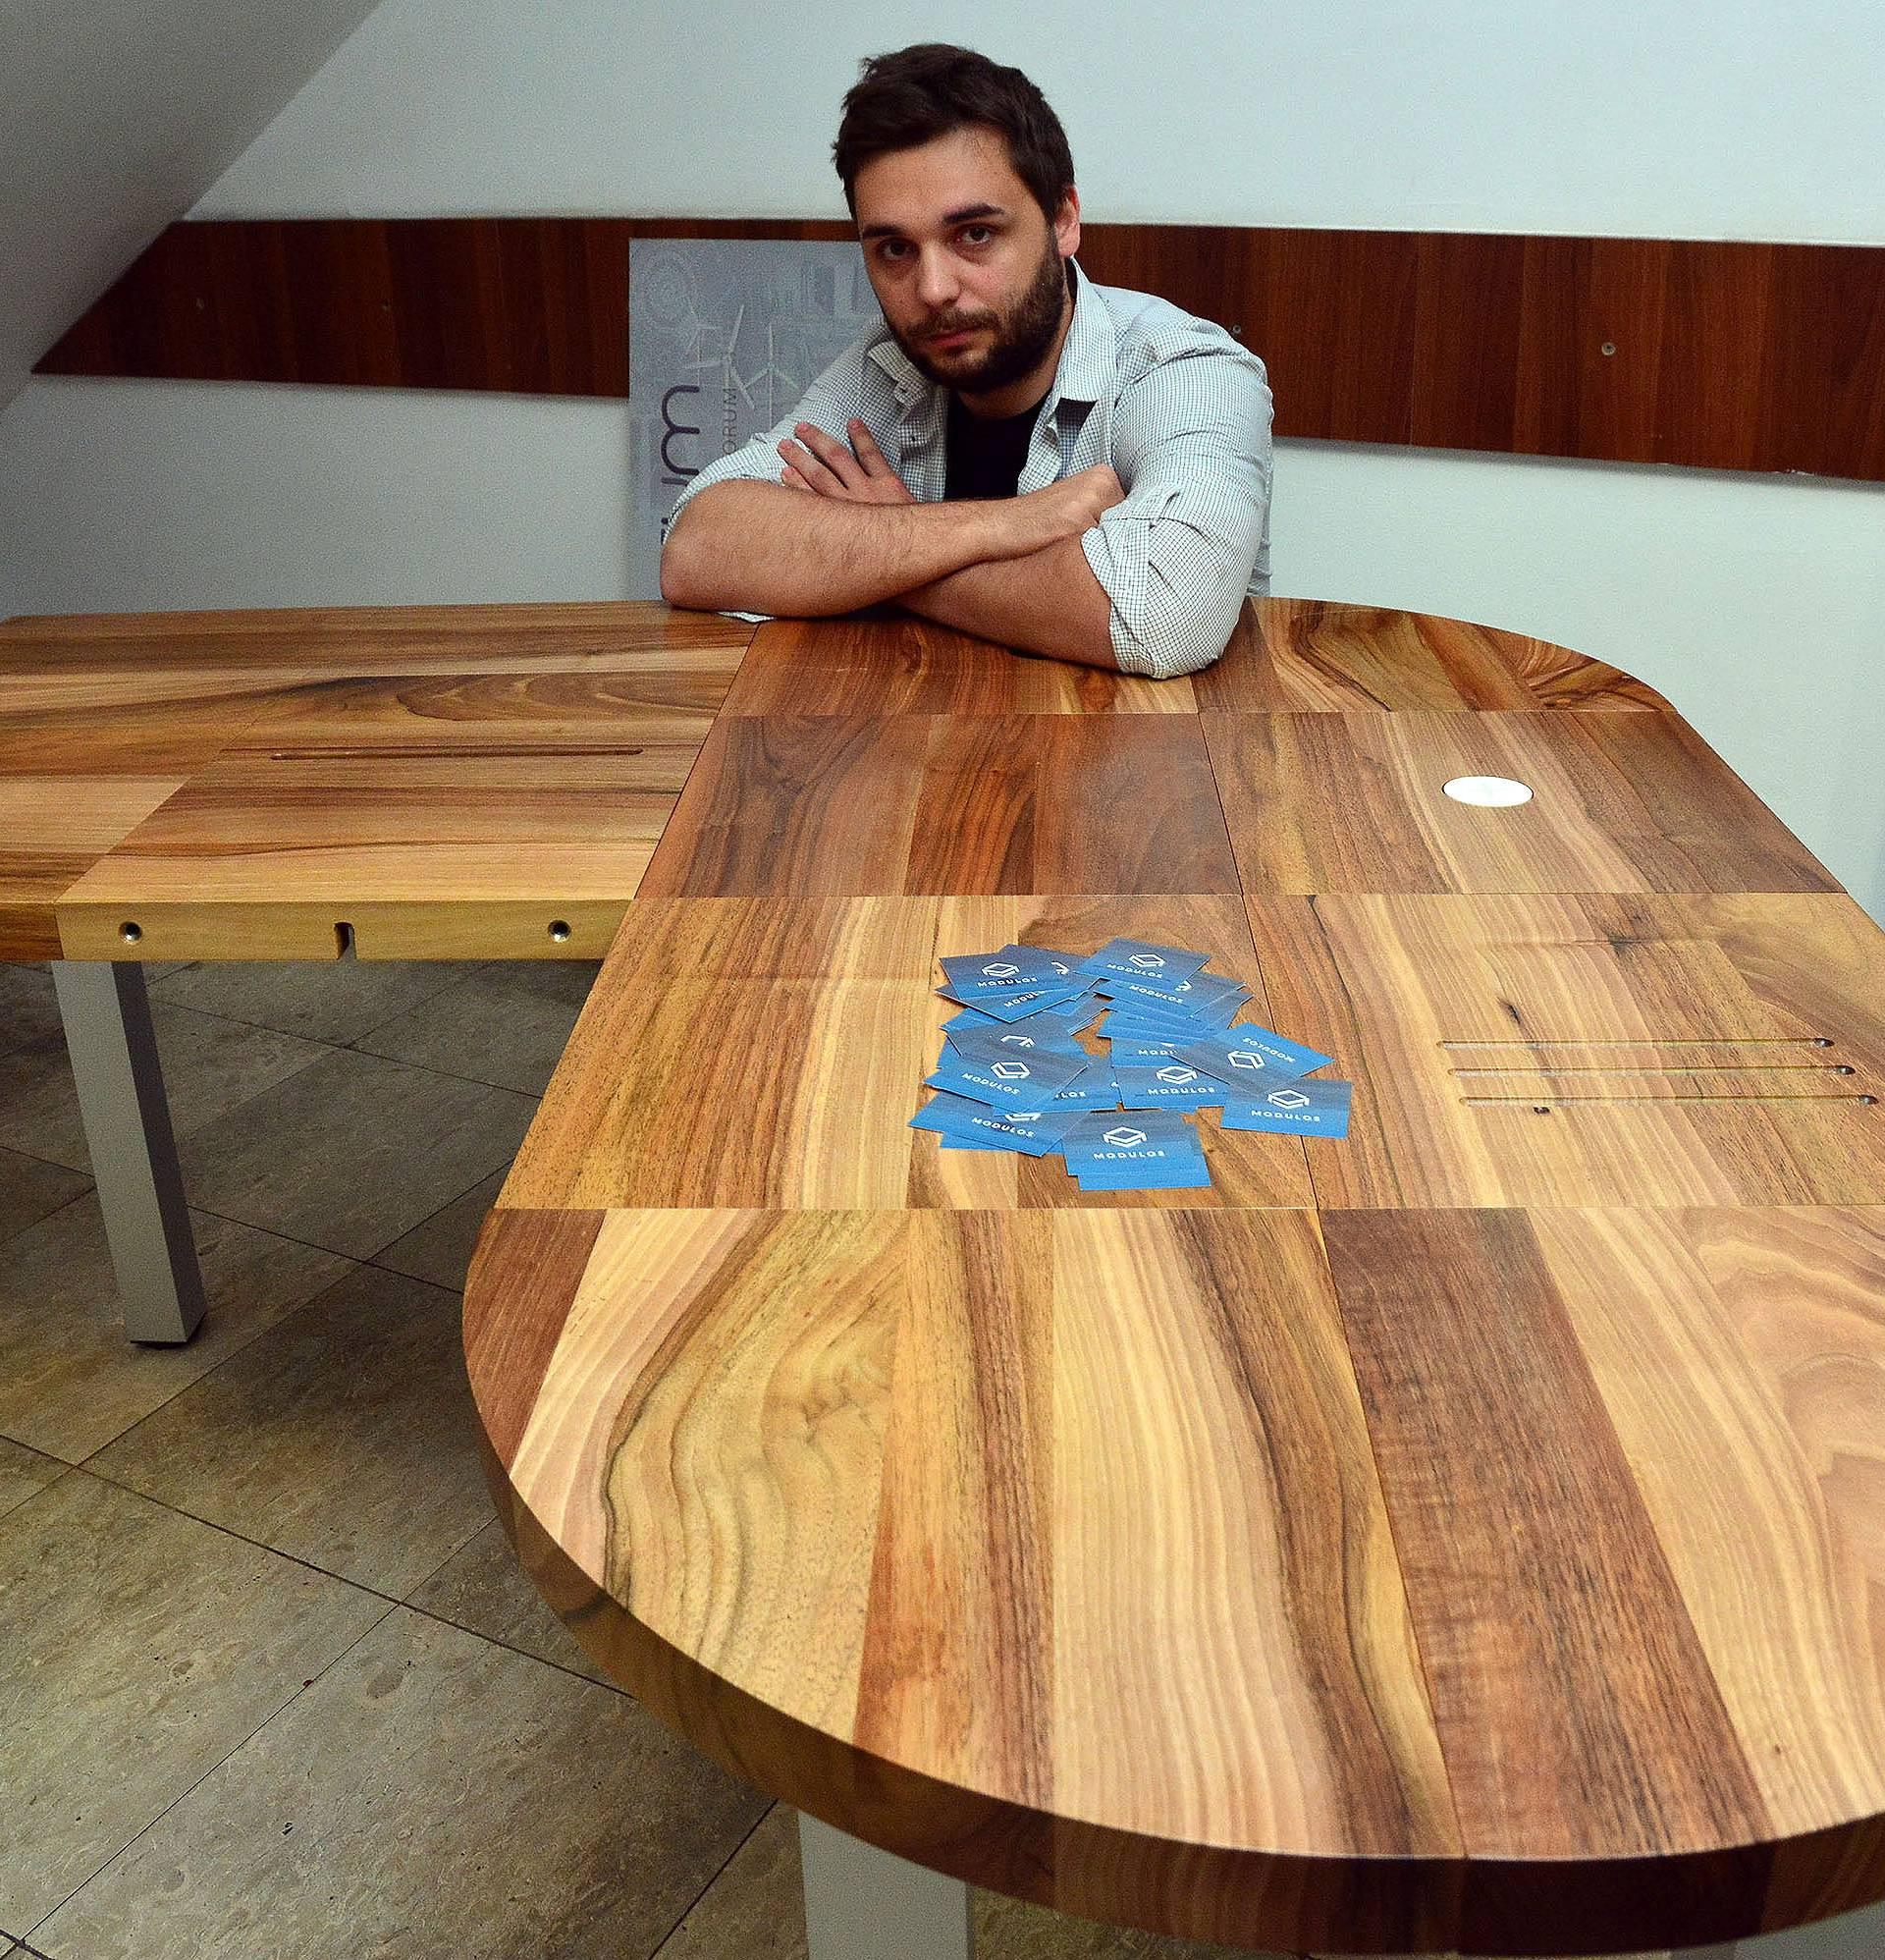 Matej ima najbolji izum: Njegov stol je brzo pokorio cijeli svijet